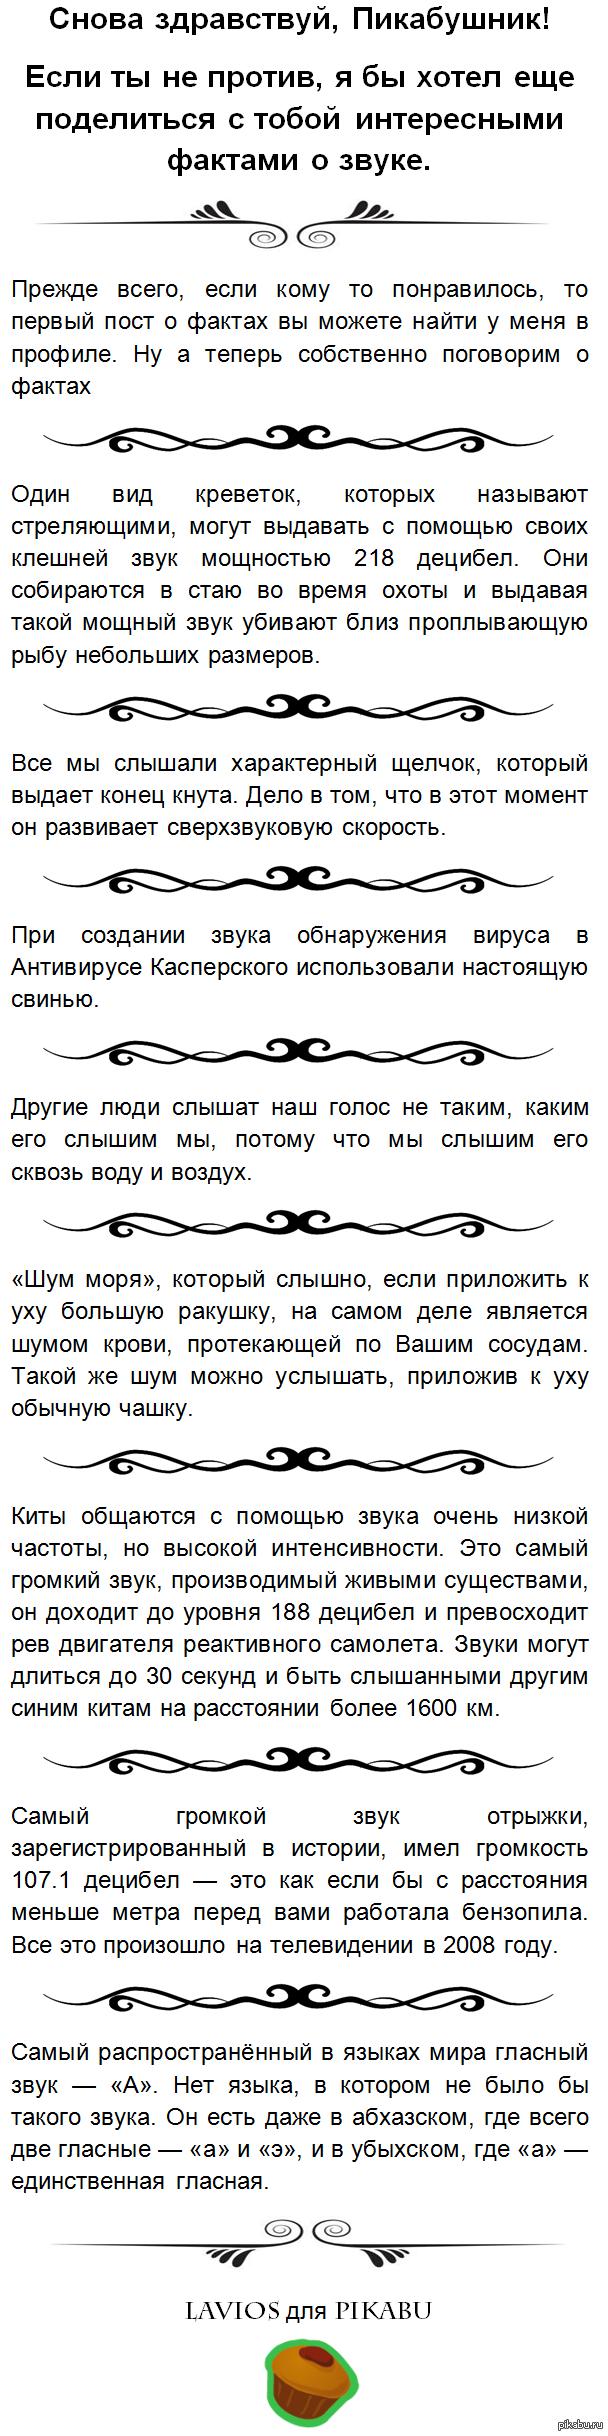 """Интересные факты о звуке Продолжение. Ссылка на первый пост - <a href=""""http://pikabu.ru/story/interesnyie_faktyi_o_zvuke__1894974"""">http://pikabu.ru/story/_1894974</a>"""